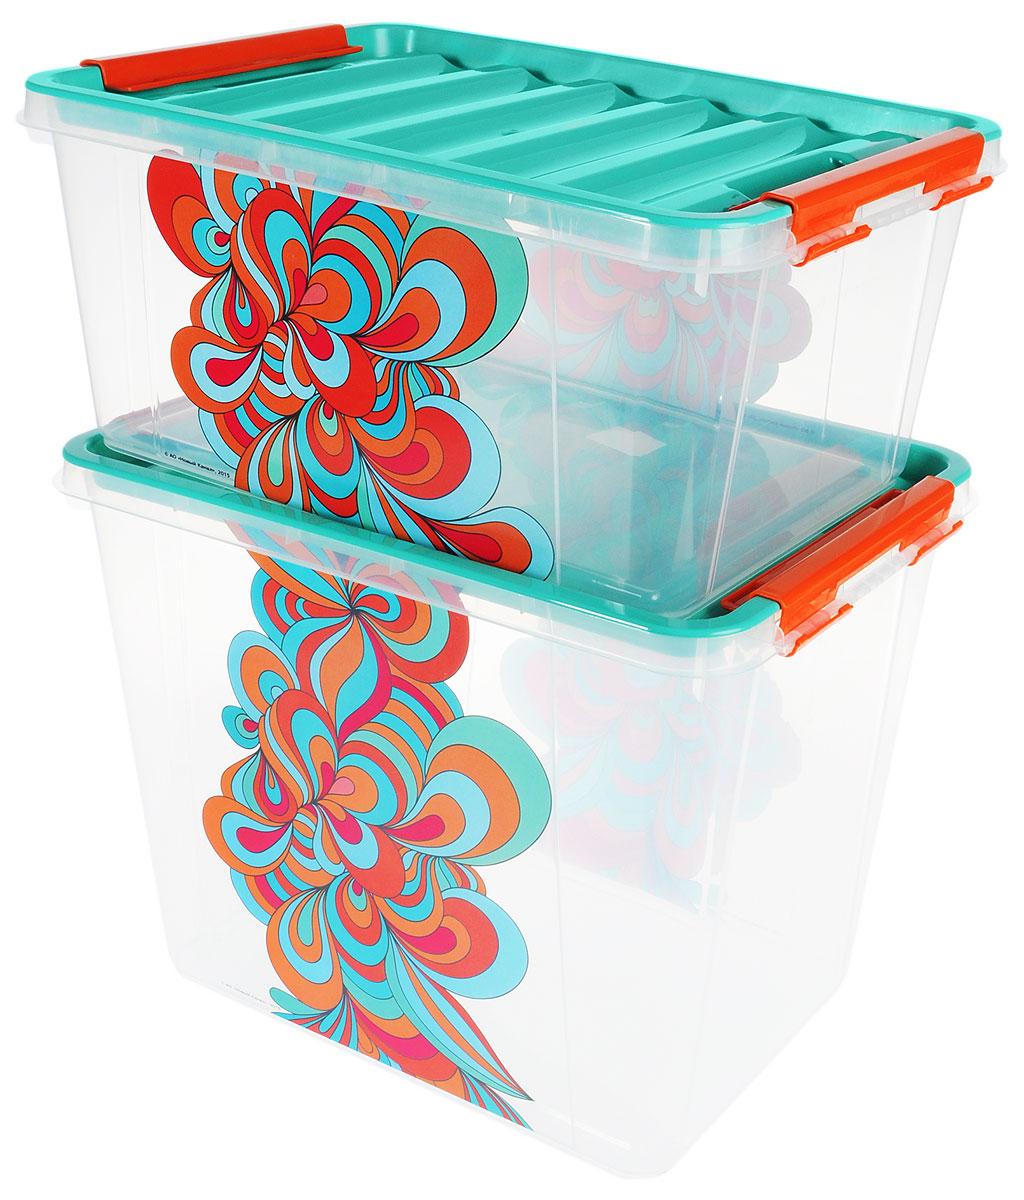 Набор контейнеров Полимербыт Домашний, 2 штВД 294 СНабор контейнеров Полимербыт Домашнийизготовлен из высококачественного прочного пластика, устойчивого к высоким температурам. Стенки контейнера прозрачные, что позволяет видеть содержимое. Цветная полупрозрачная крышка плотно закрывается. В набор входят 2 контейнера разного объема. Контейнеры идеально подходят для хранения различных вещей.Размеры большого контейнера: 39 х 28,5 х 31 см.Размер малого контейнера: 39 х 28,5 х 18 см.Объем контейнеров: 25 л; 15 л.